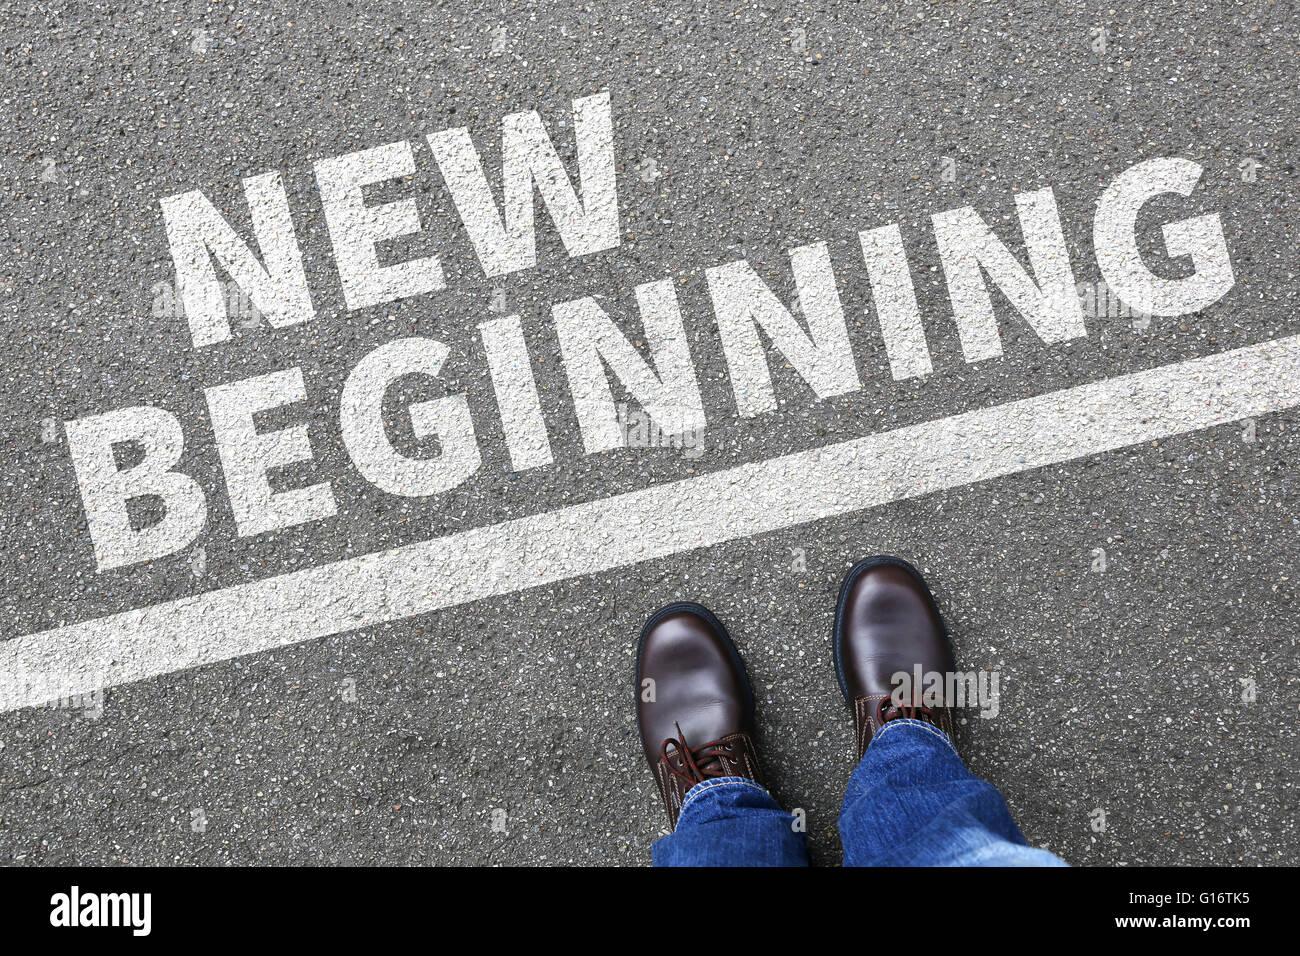 Nouveau départ en route vieille vie futur passé succès objectifs changement décision décider Photo Stock